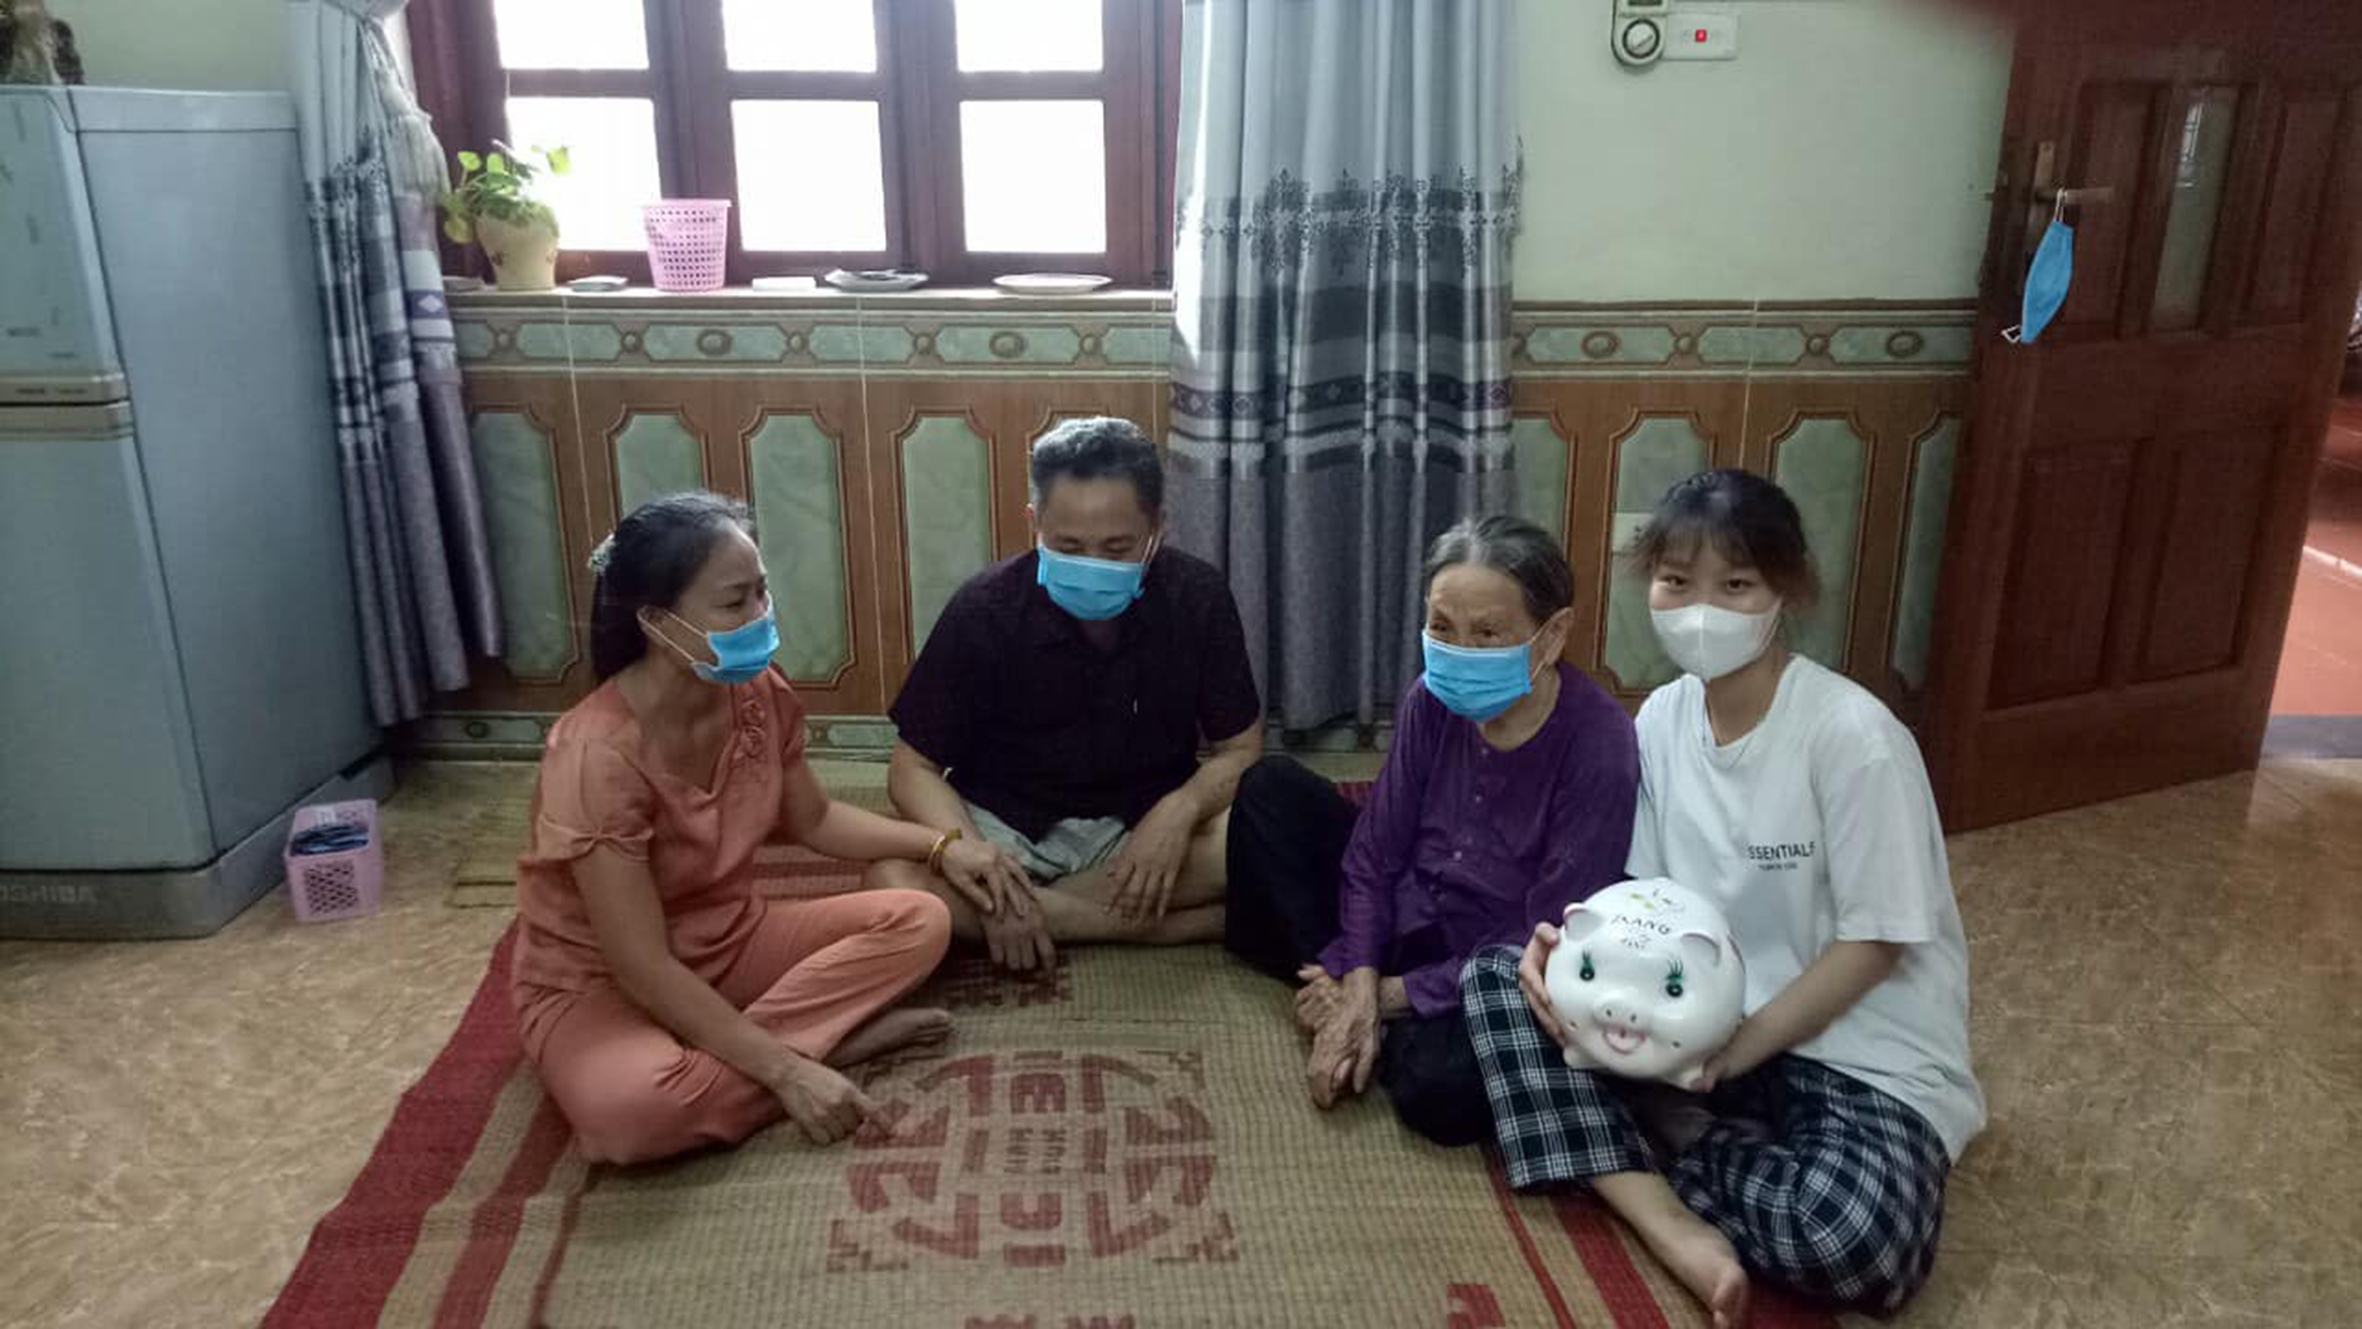 Trước sự chứng kiến của ông bà, bố mẹ, Thùy Trang đập chú lợn đã tiết kiệm suốt mười mấy năm qua